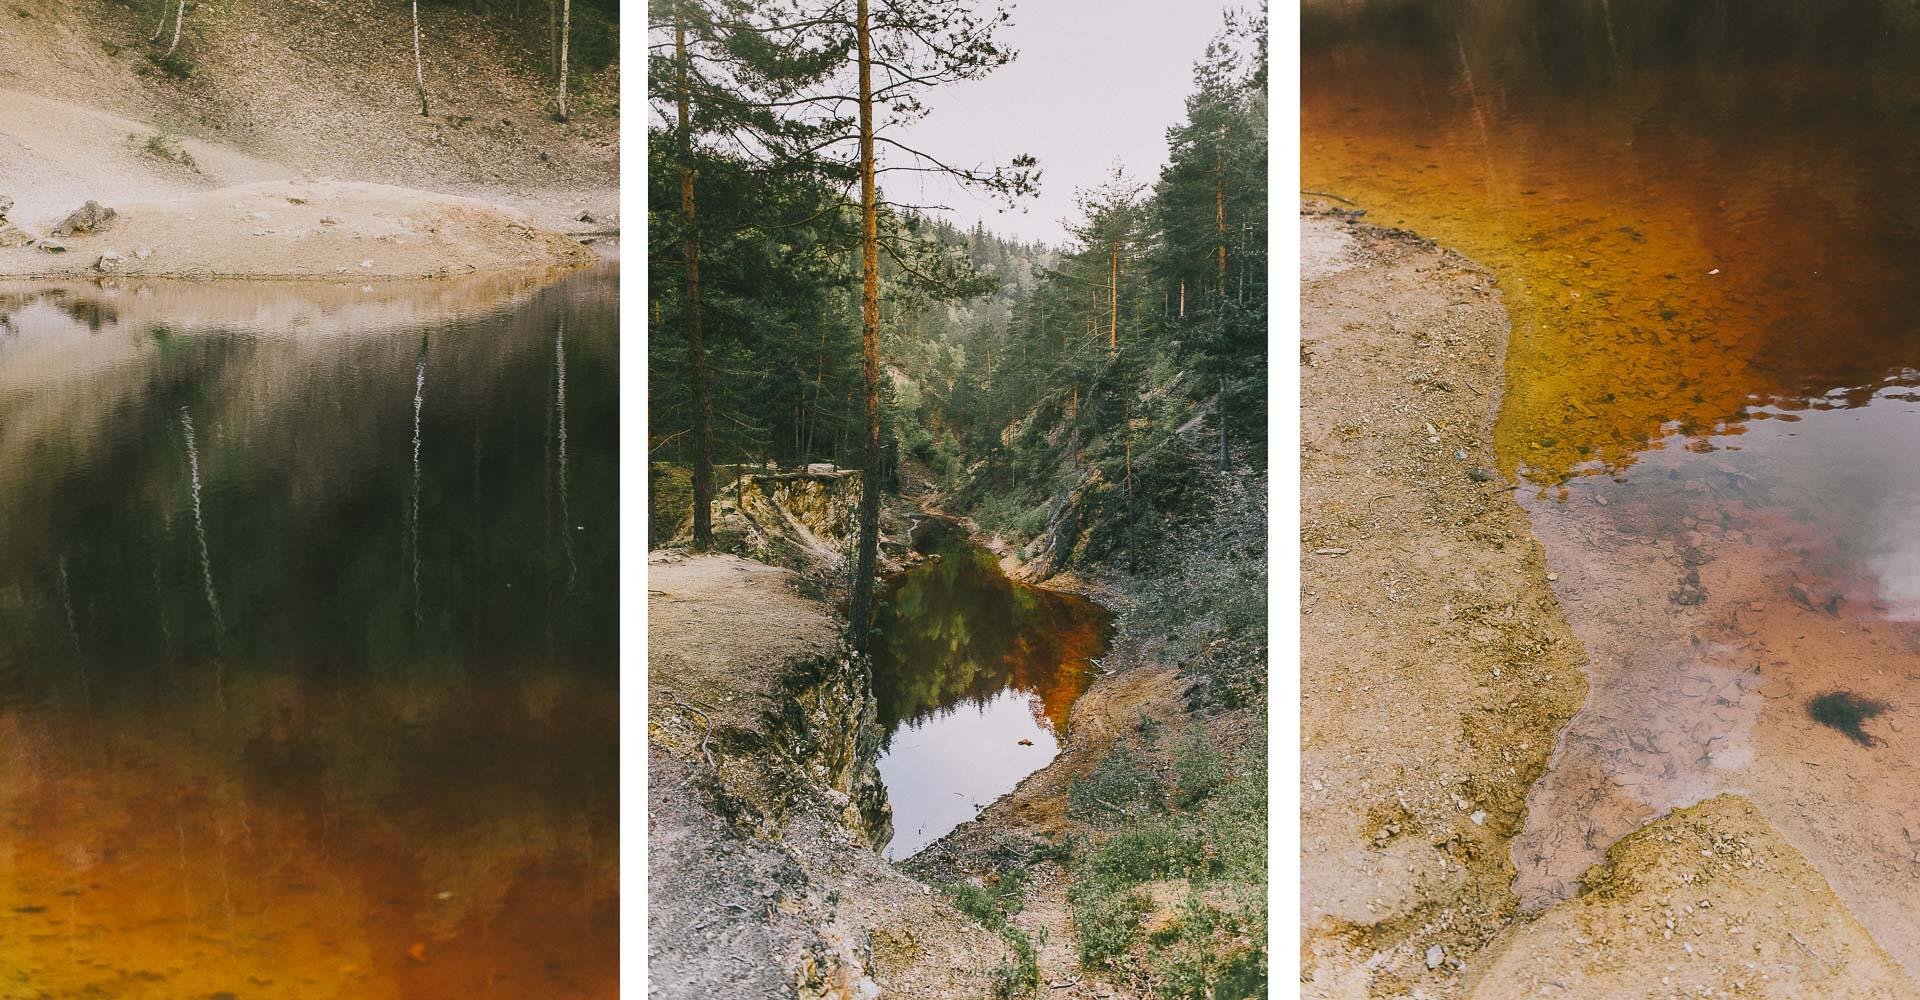 Rudawy Janowickie naDolnym Śląsku – JEZIORKO PURPUROWE